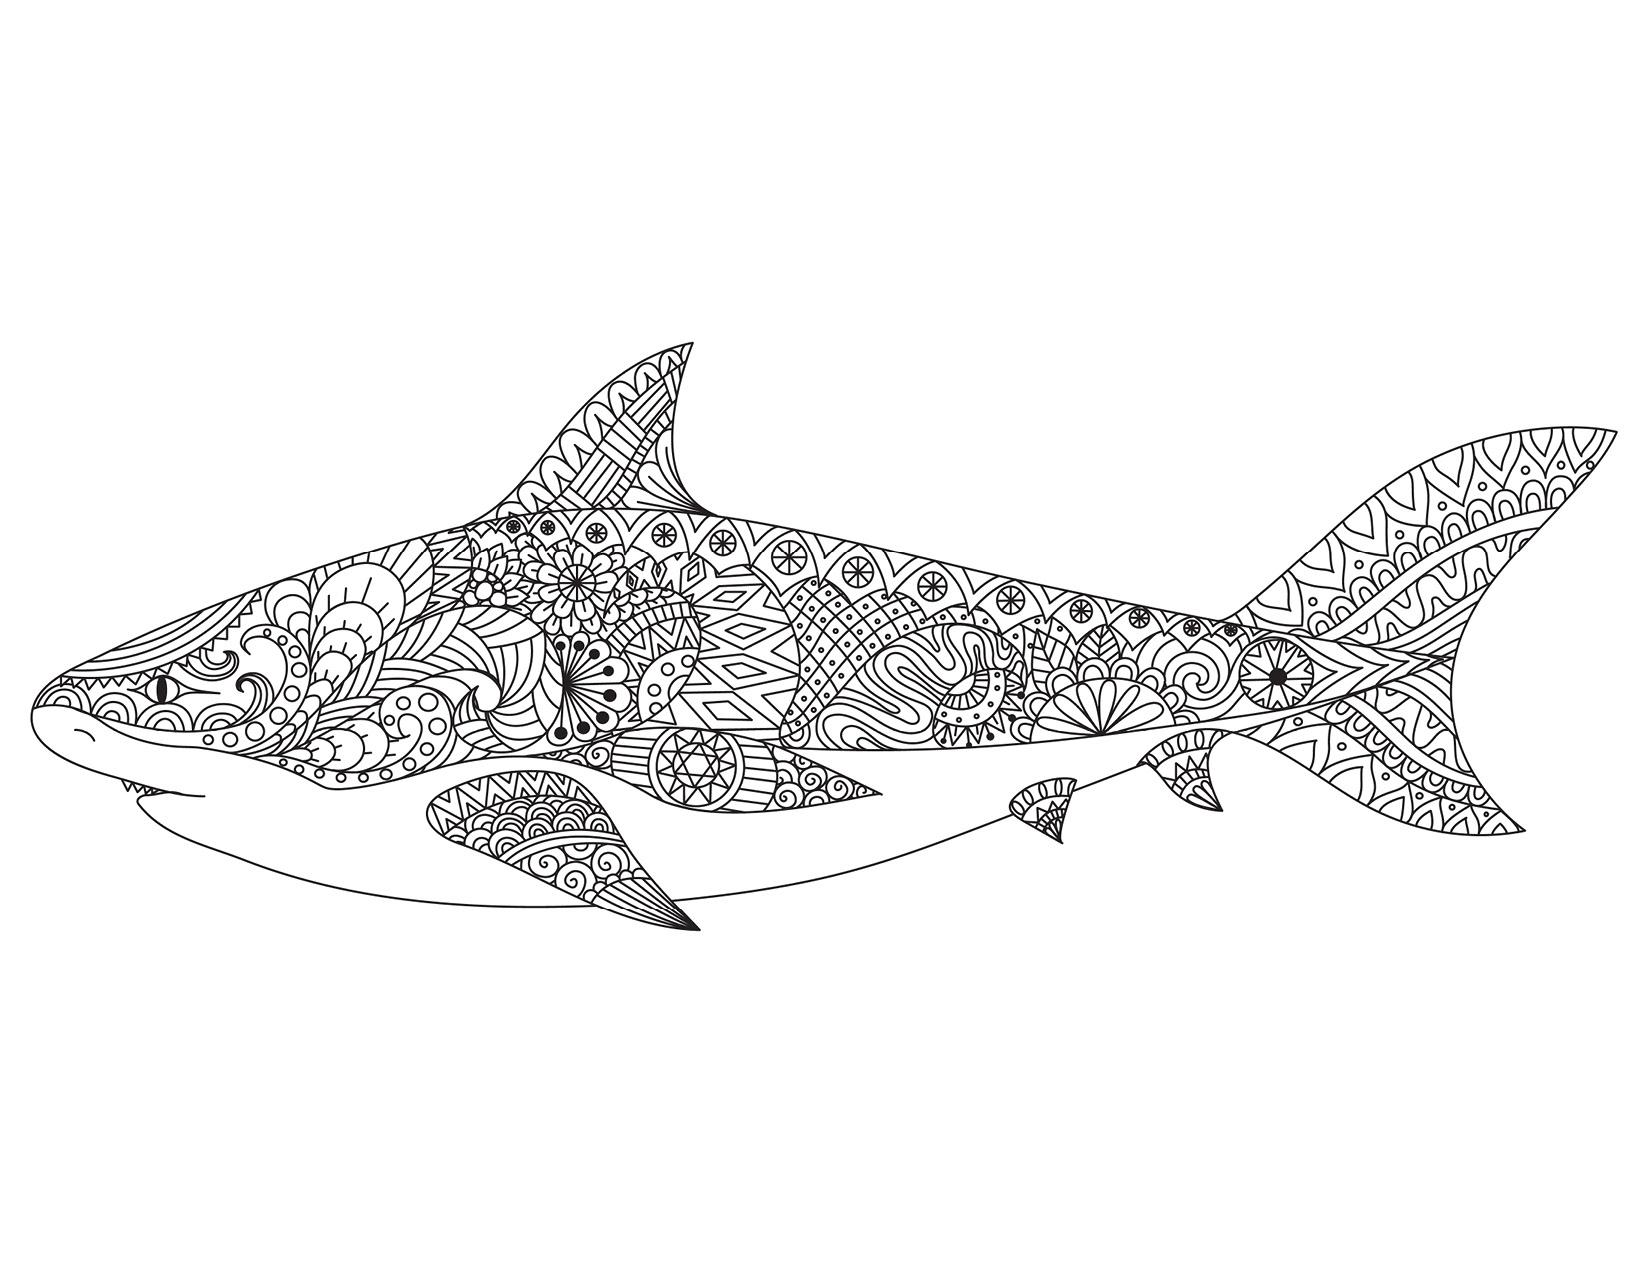 Beau Dessin De Requin A Colorier Et A Imprimer